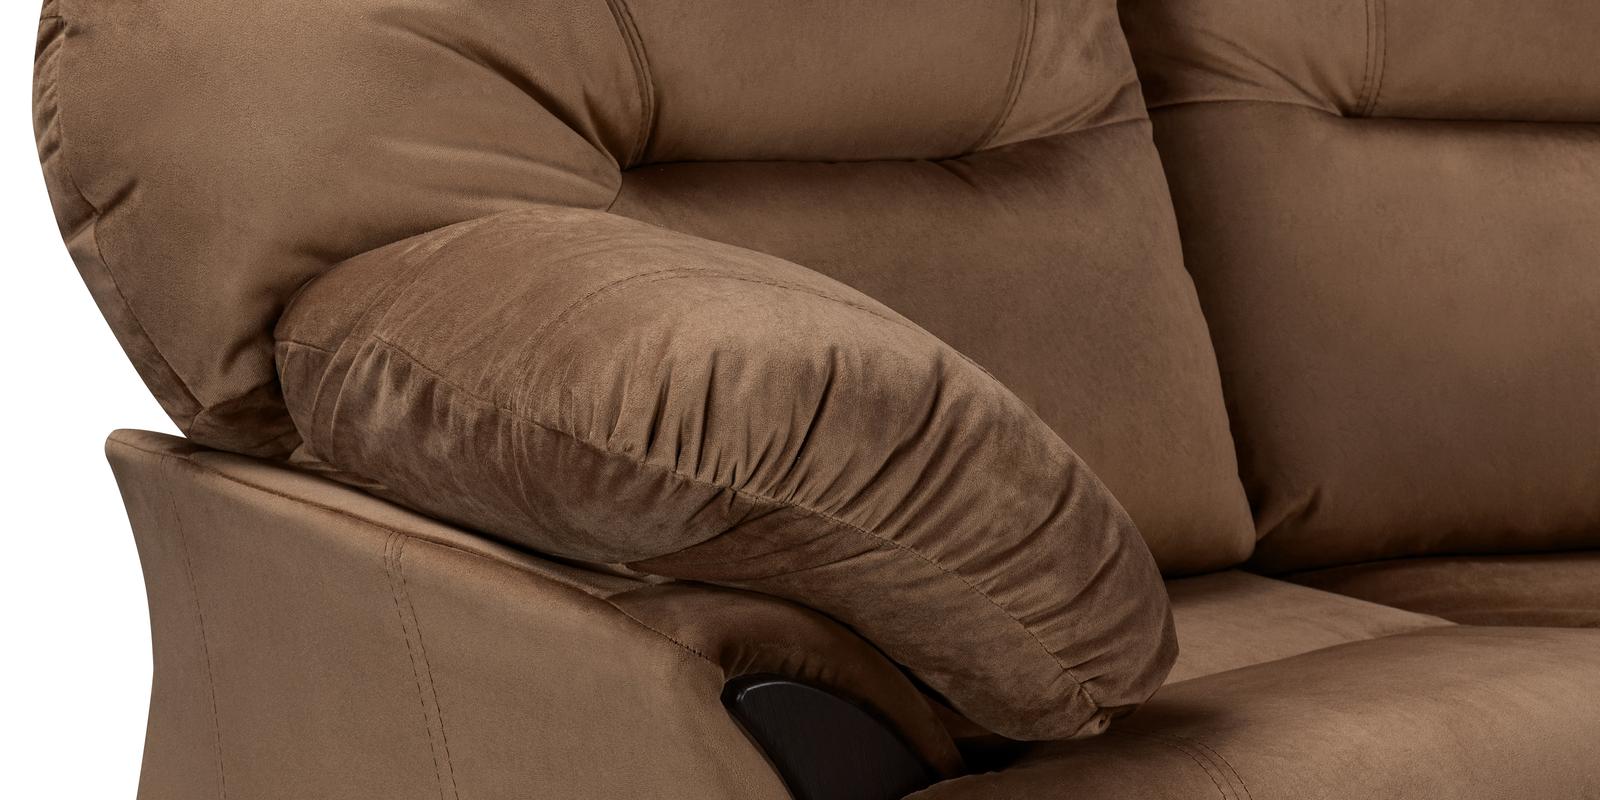 Диван тканевый угловой Ланкастер Velure коричневый (Велюр, левый)